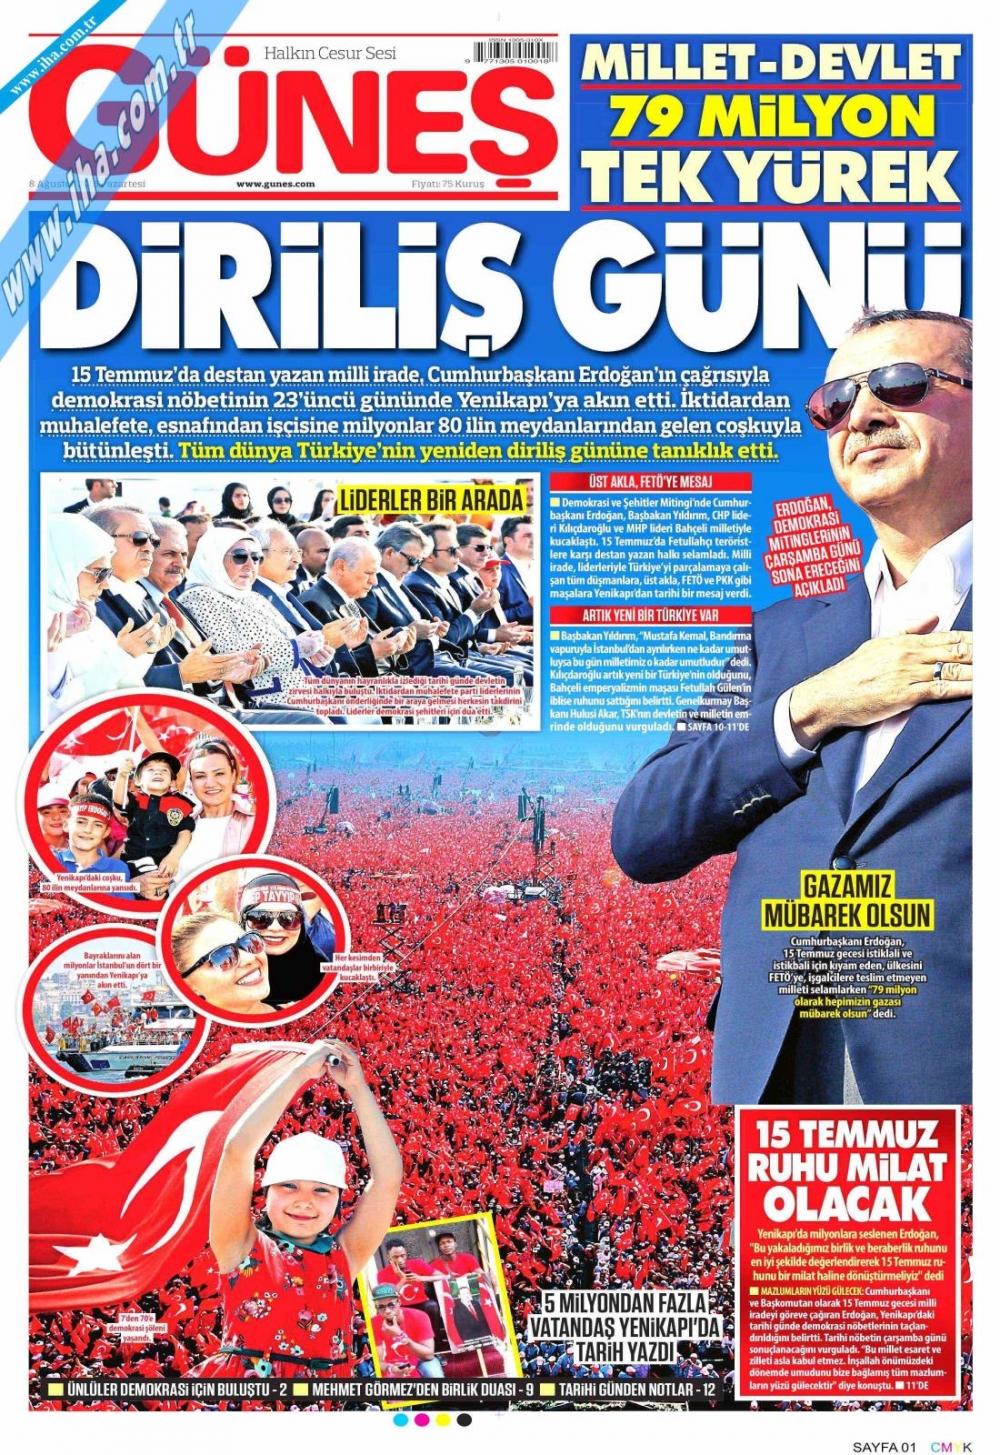 Gazeteler tarihi Yenikapı Mitingi'ni böyle gördü 5